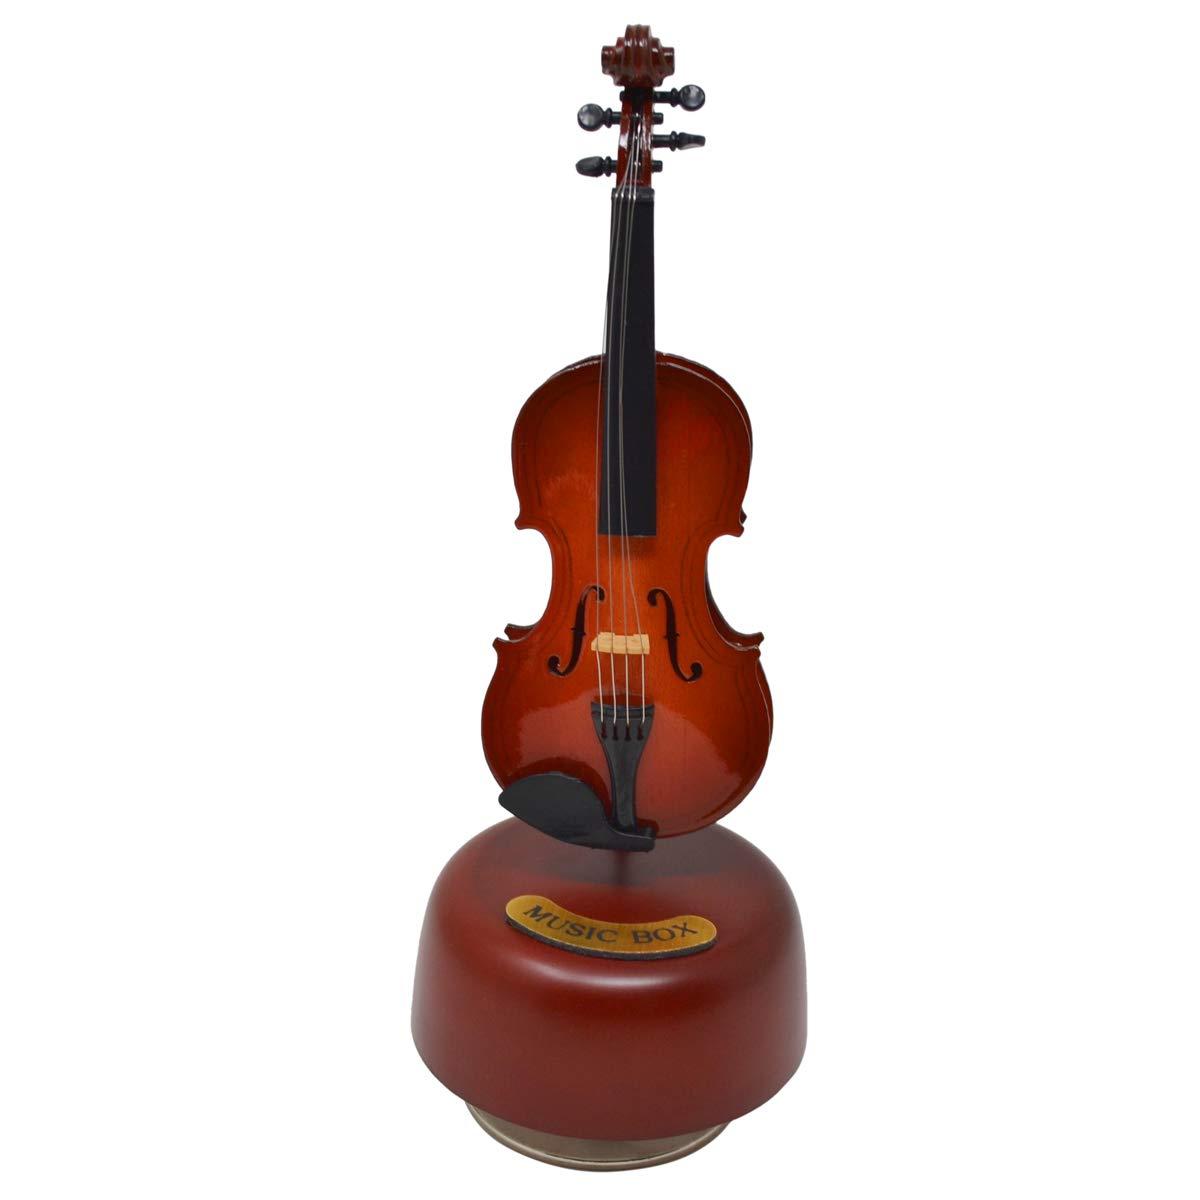 【税込?送料無料】 ミニバイオリンギターハープ回転オルゴール Box 木製楽器モデル クリエイティブアートウェア レッド ホームデコレーション レッド B07JQMM7CW B07JQMM7CW Violin Music Box, ユウトウチョウ:b193f362 --- arcego.dominiotemporario.com